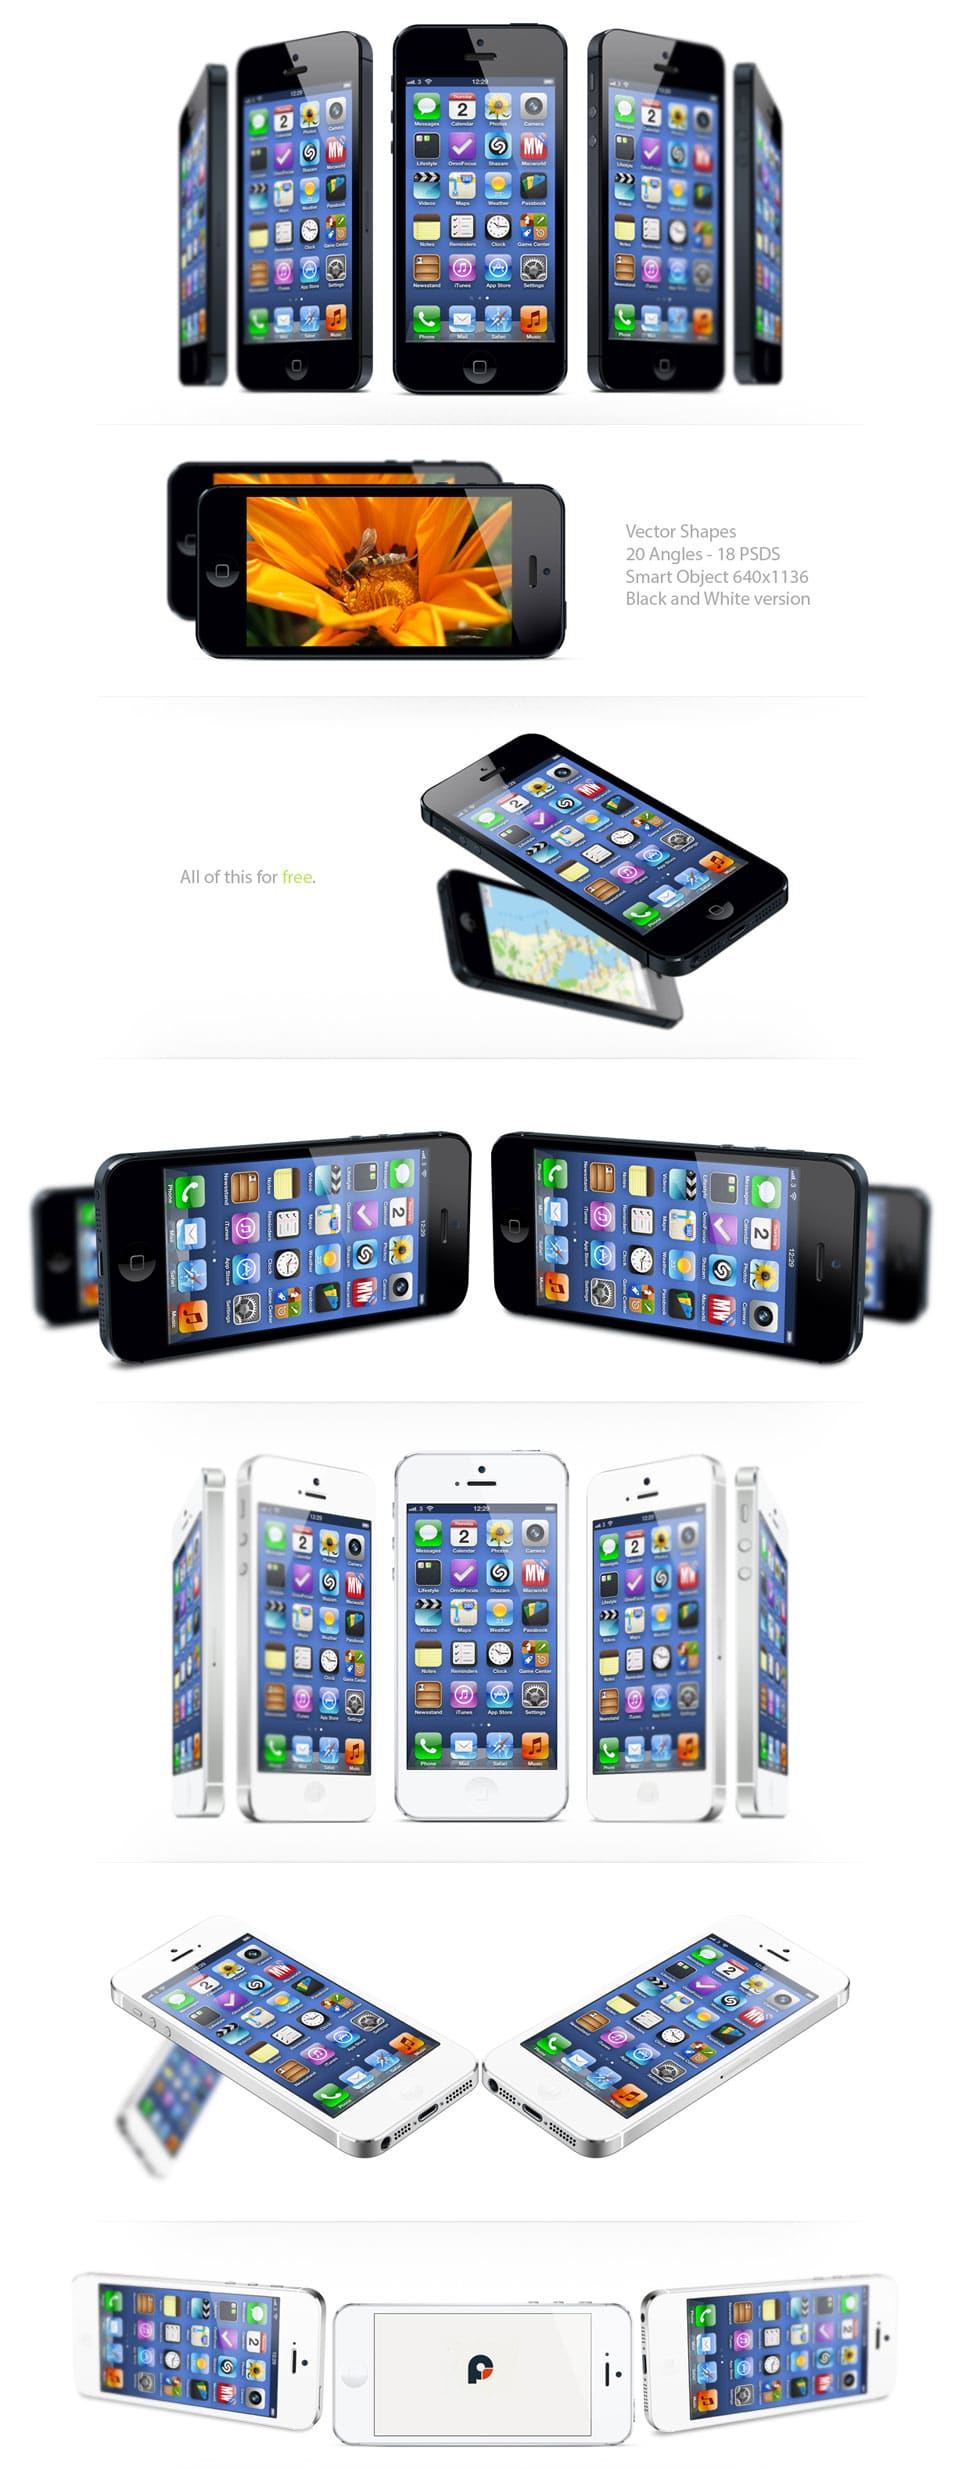 iPhone 5 Mock ups FREEMIUM